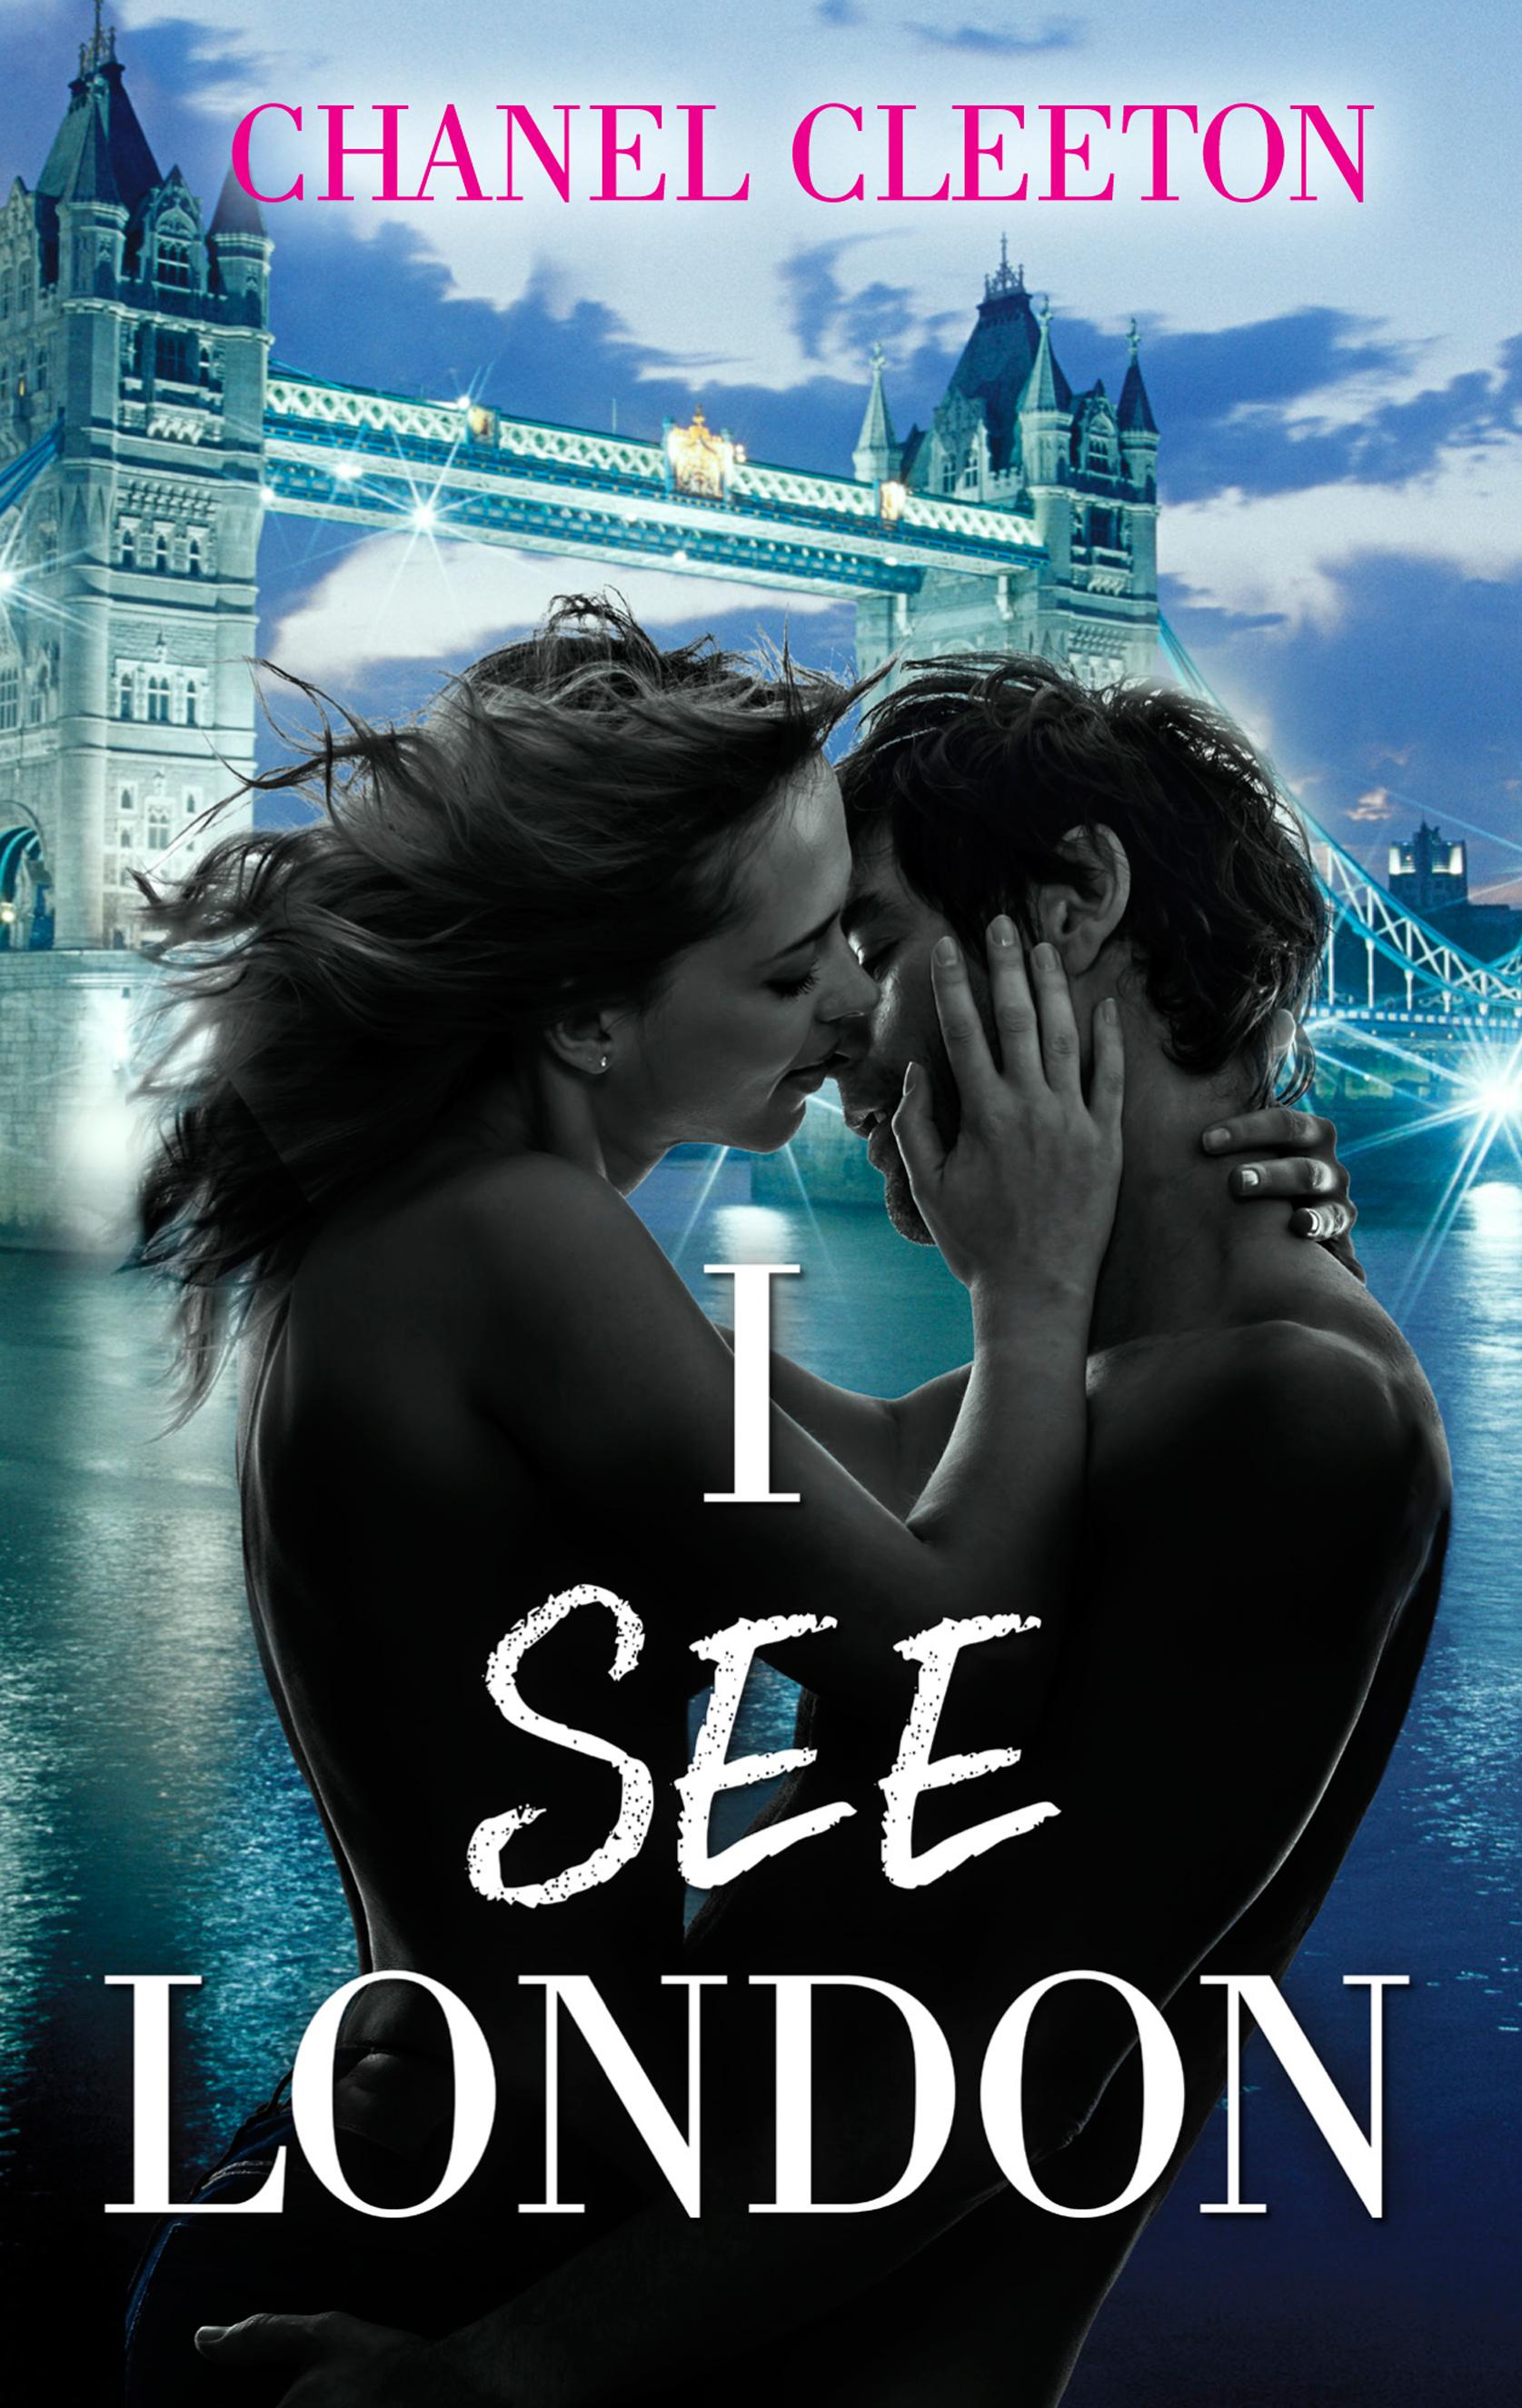 I SEE LONDON COVER.jpg